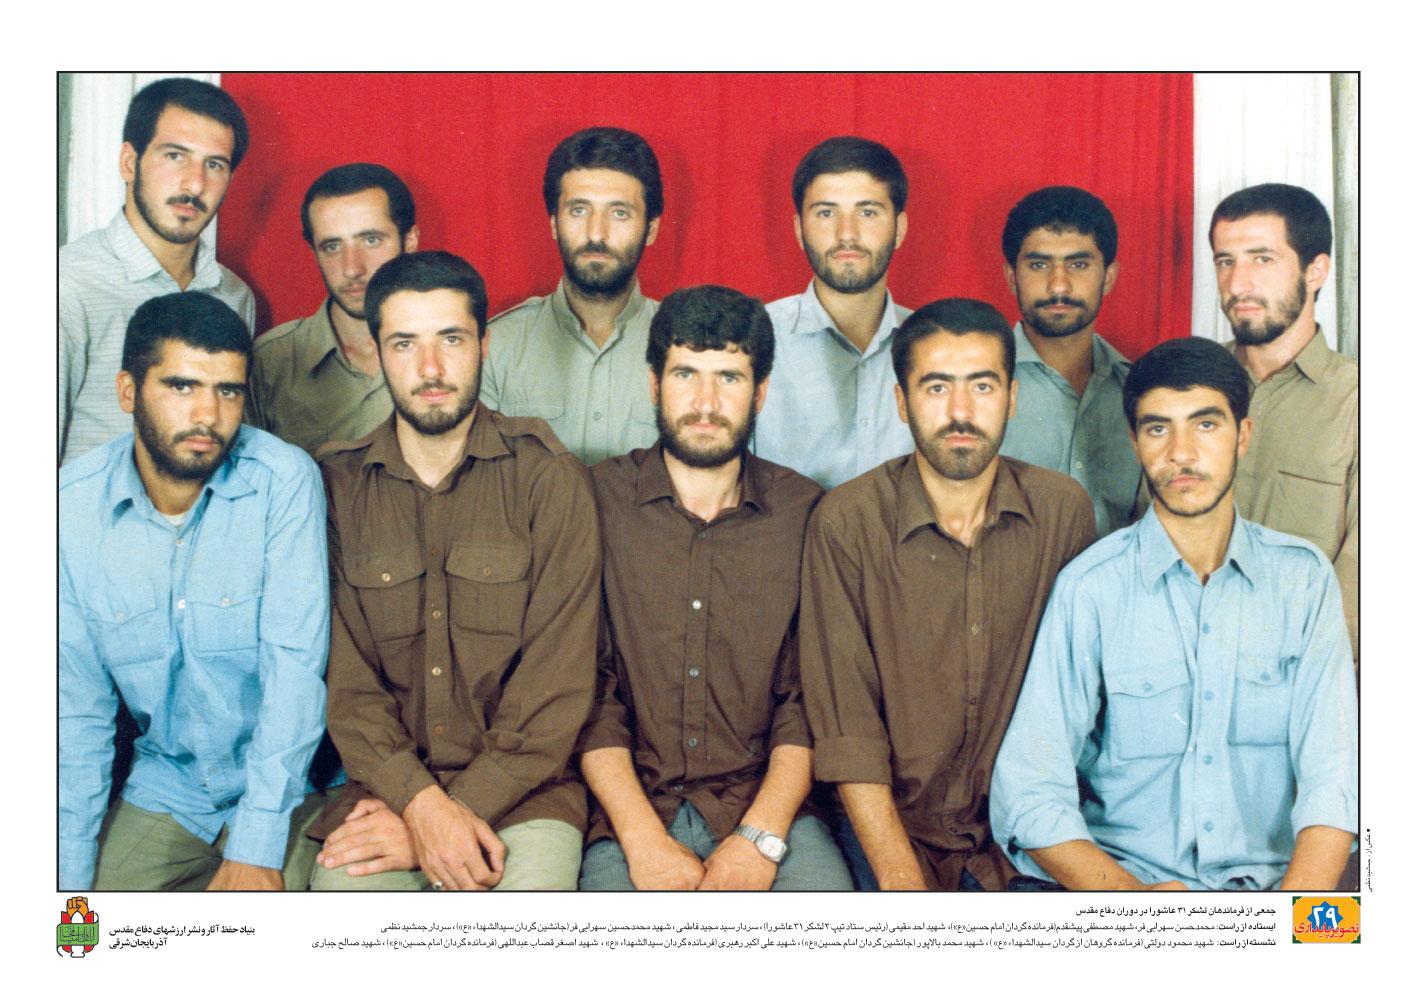 سردار شهید صالح جباری قاضی جهانی در کنار جمعی از فرماندهان لشگر31 عاشورا در دوران دفاع مقدس